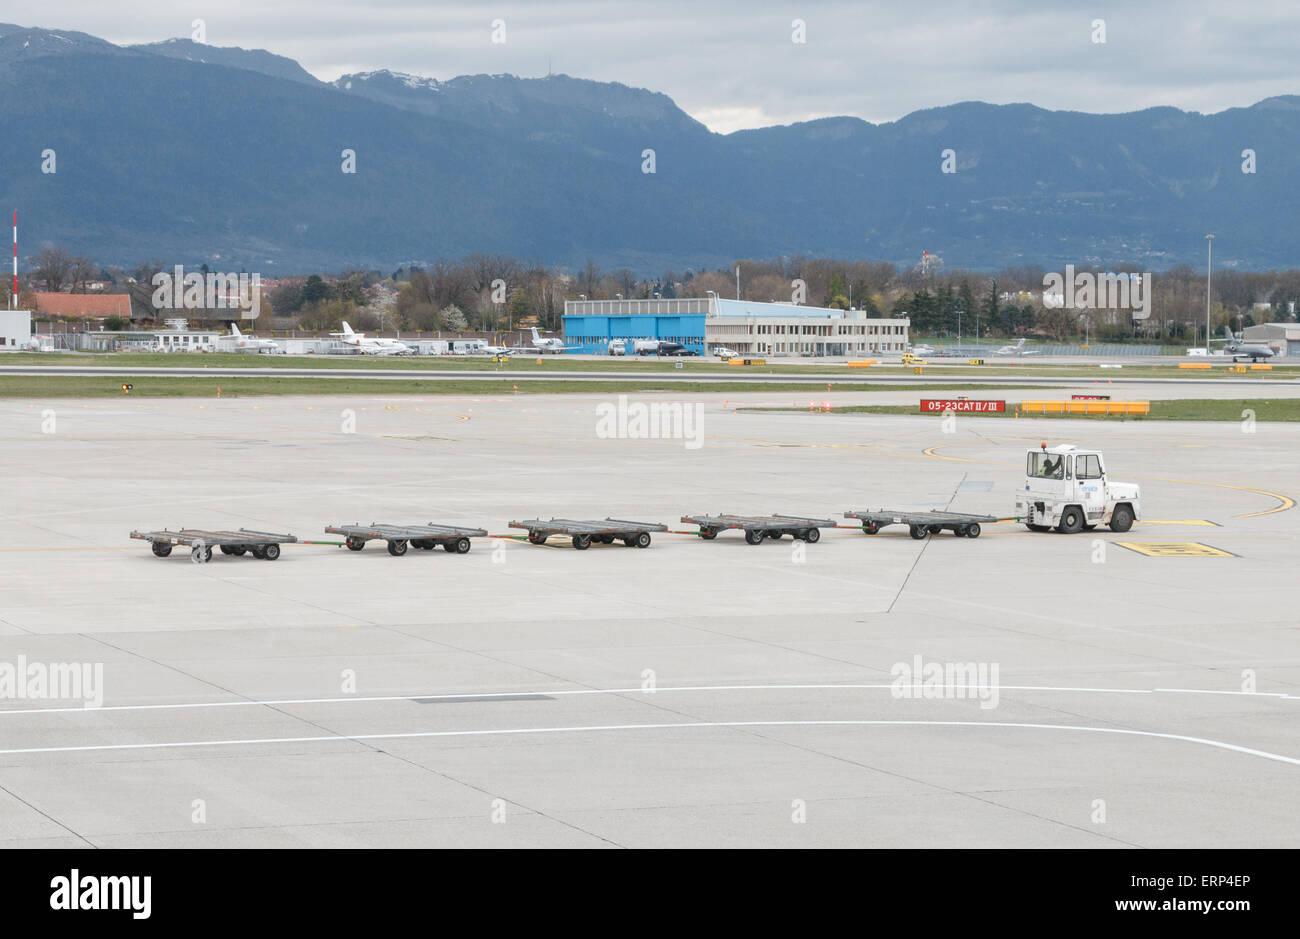 Leere Gepäckwagen am Flughafen Genf über die Rollbahn oder Schürze geschleppt wird.  Konzept, die Stockbild